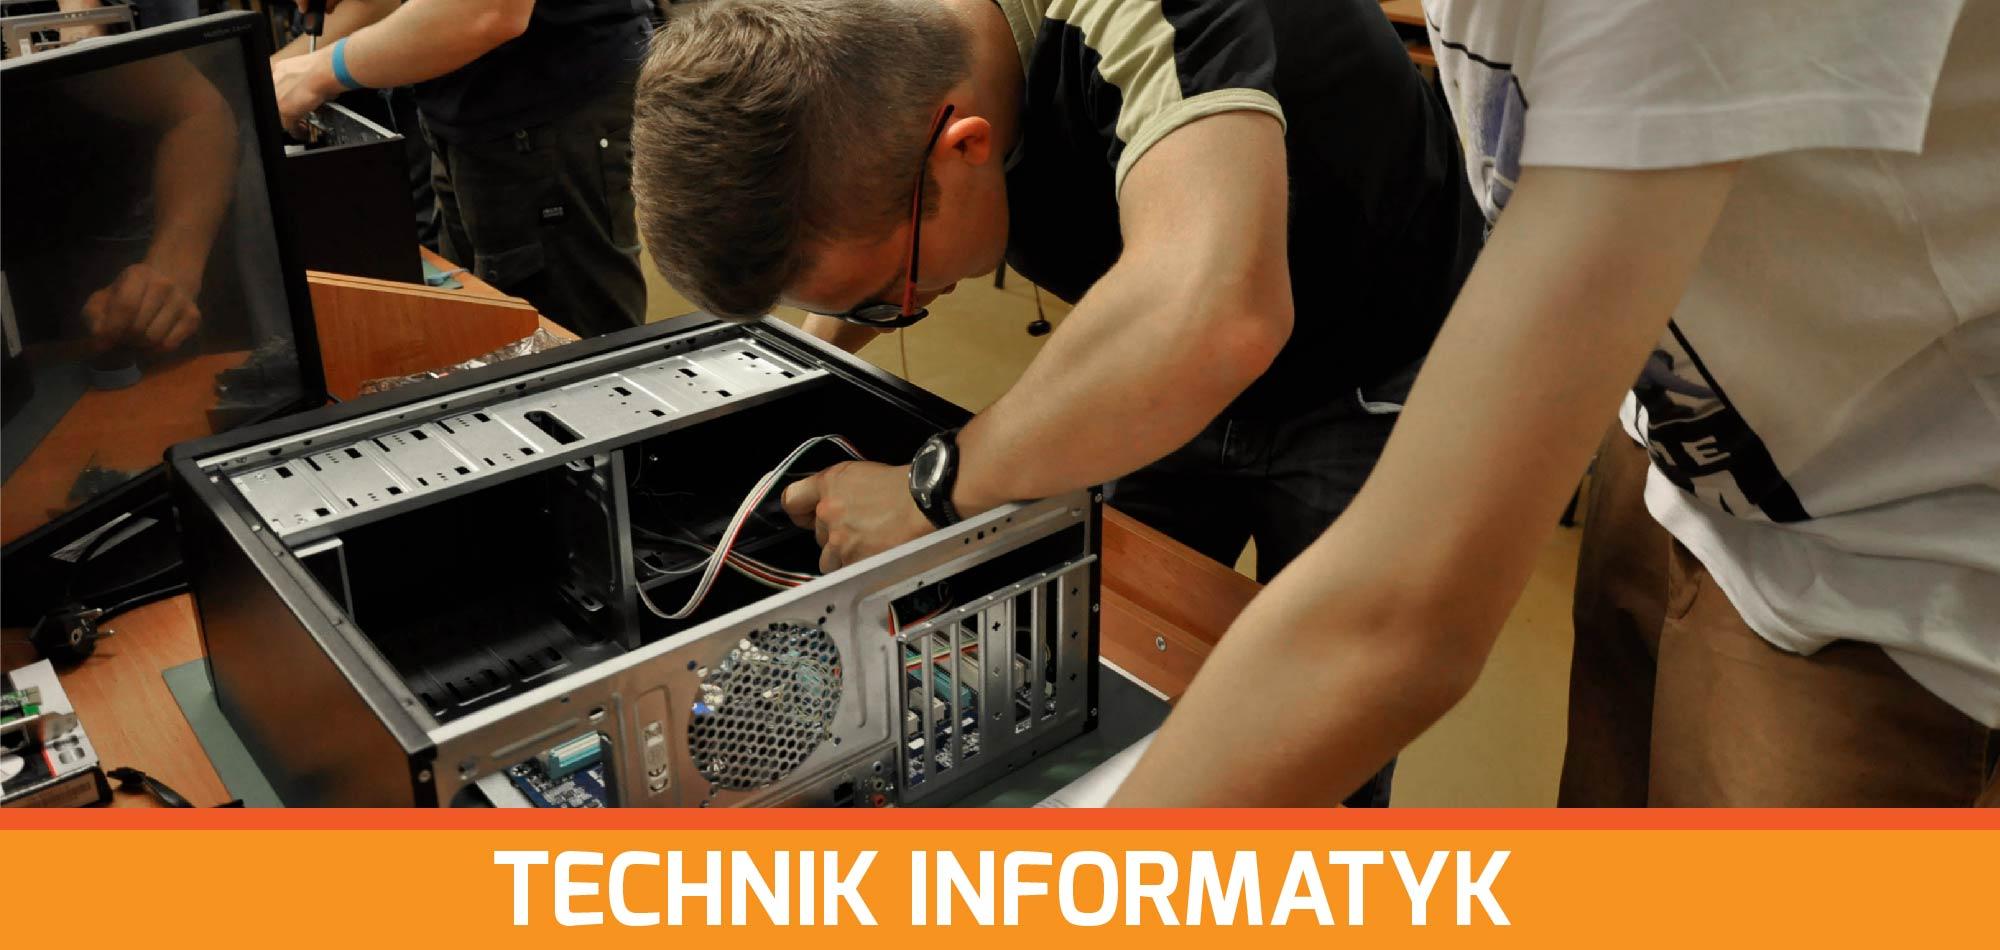 Technik informatyk | Technikum Nr 1 w Zamościu